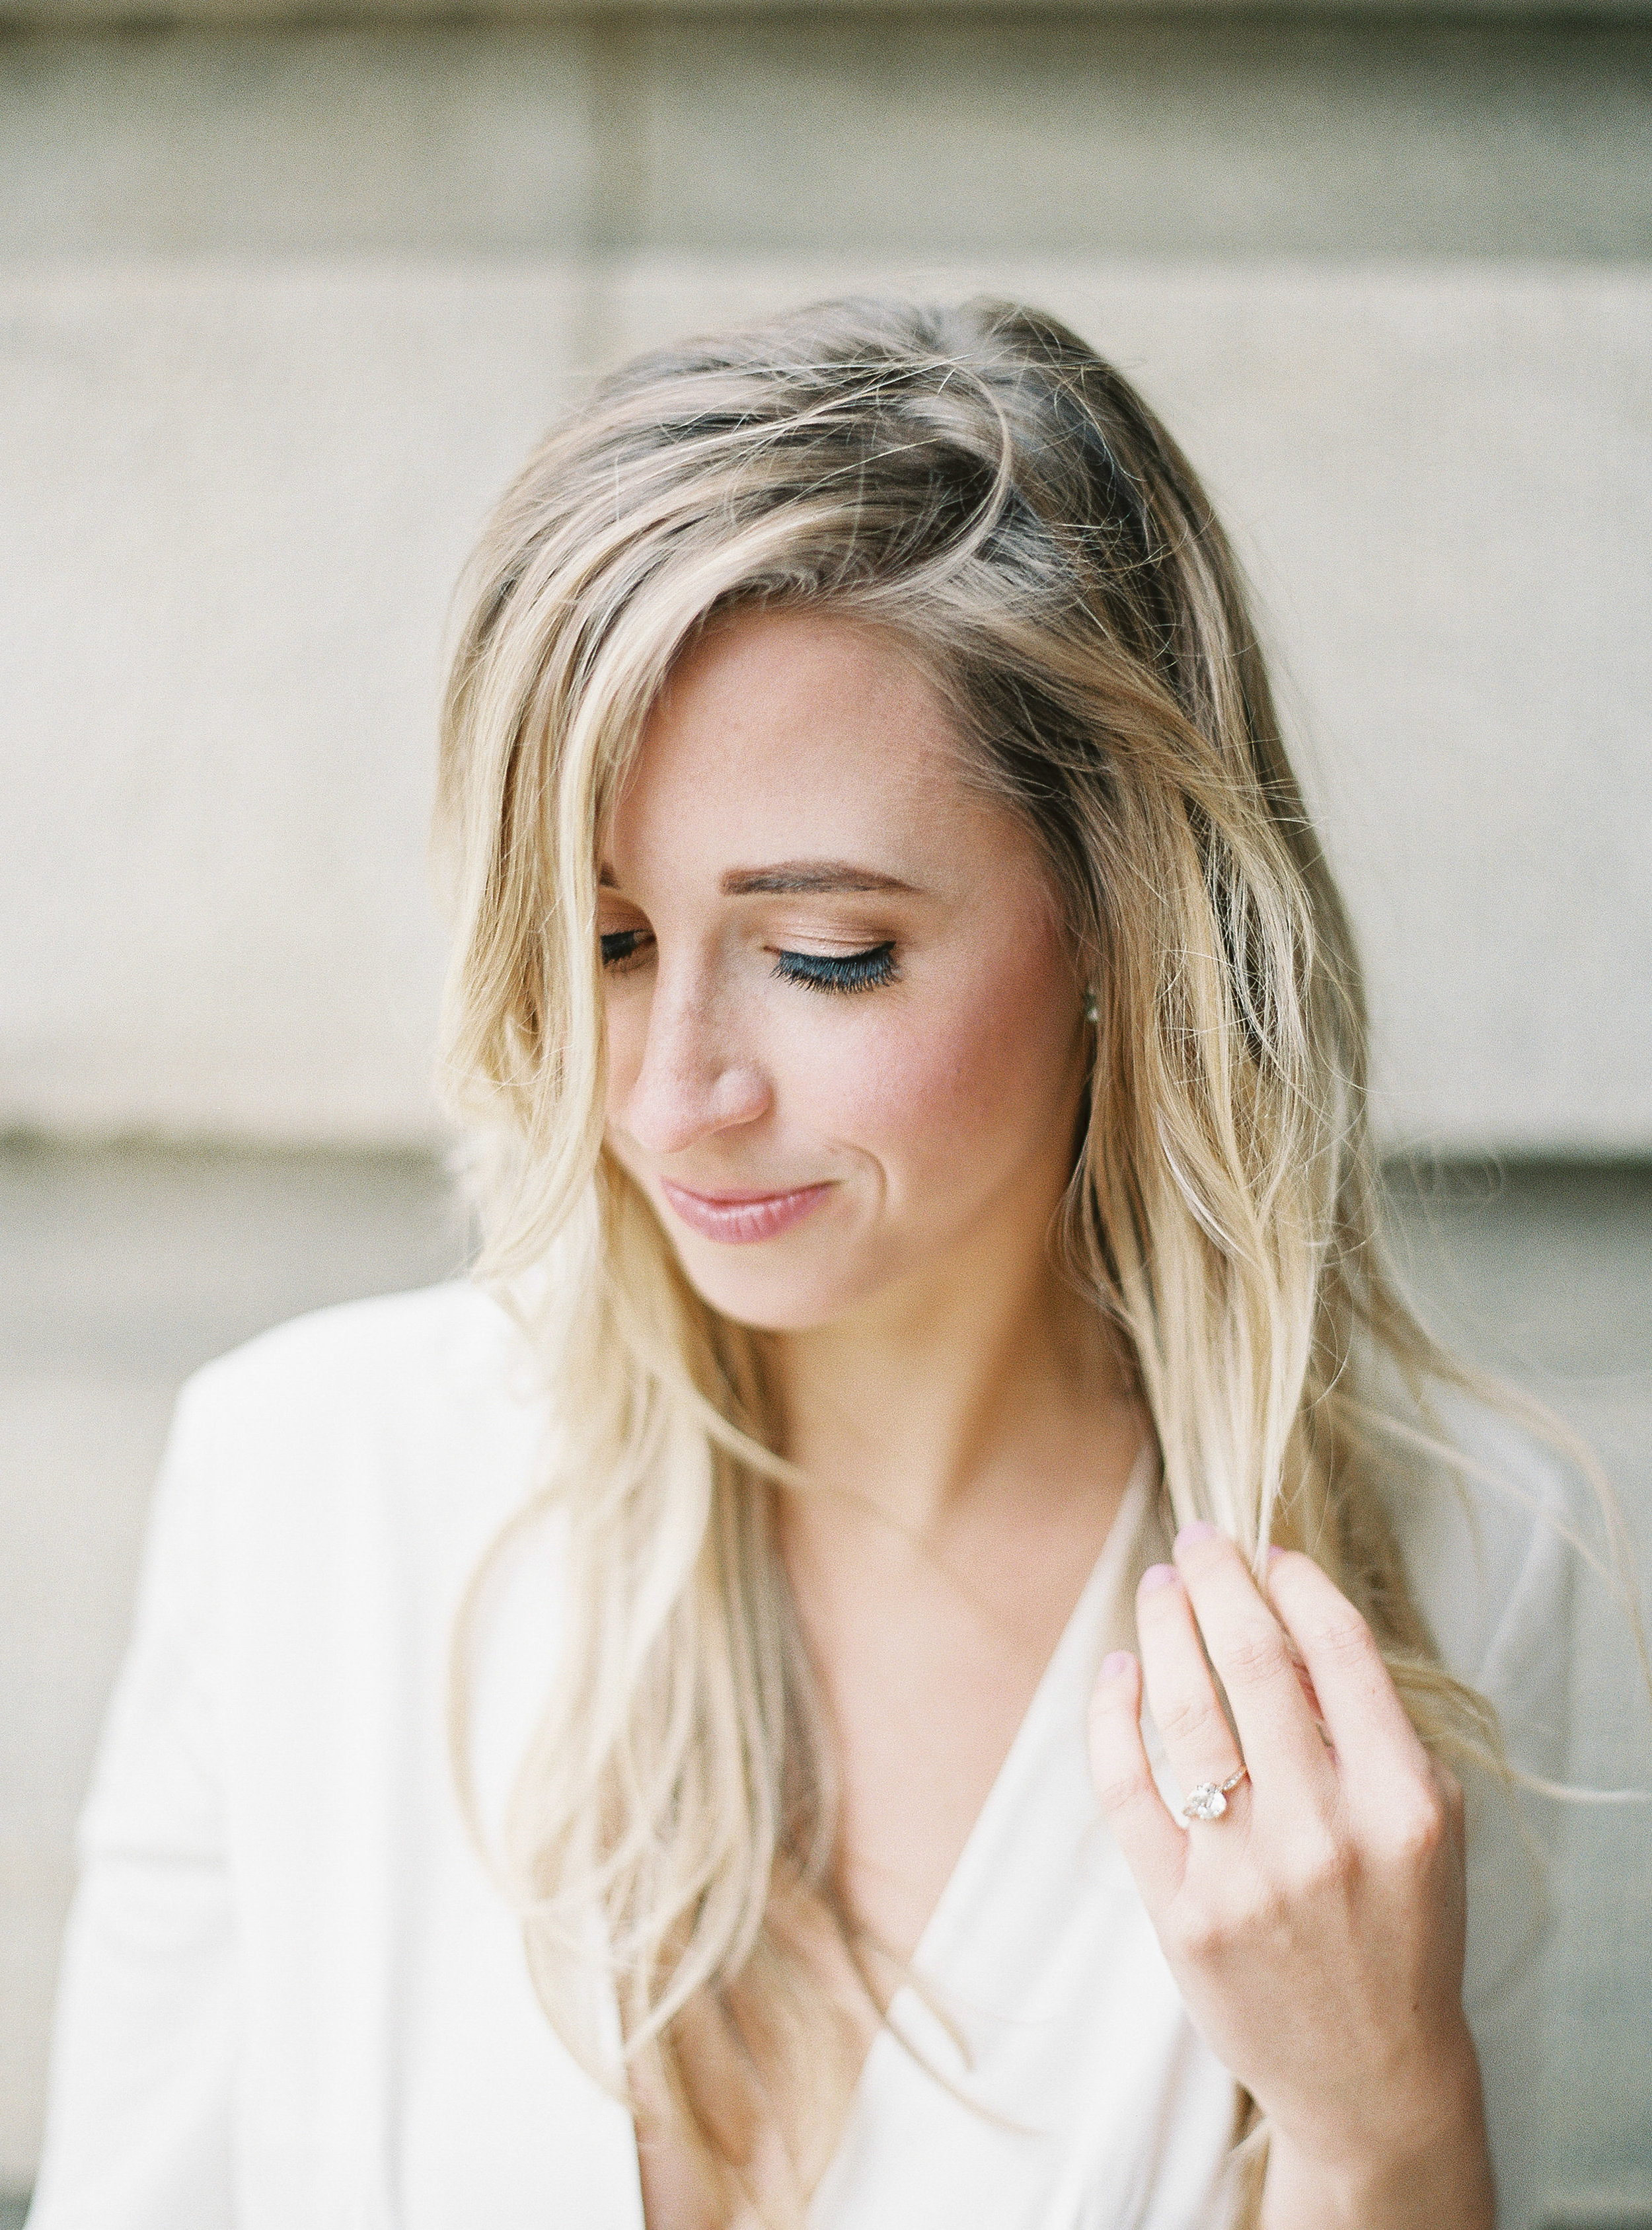 Jake + Heather Photography